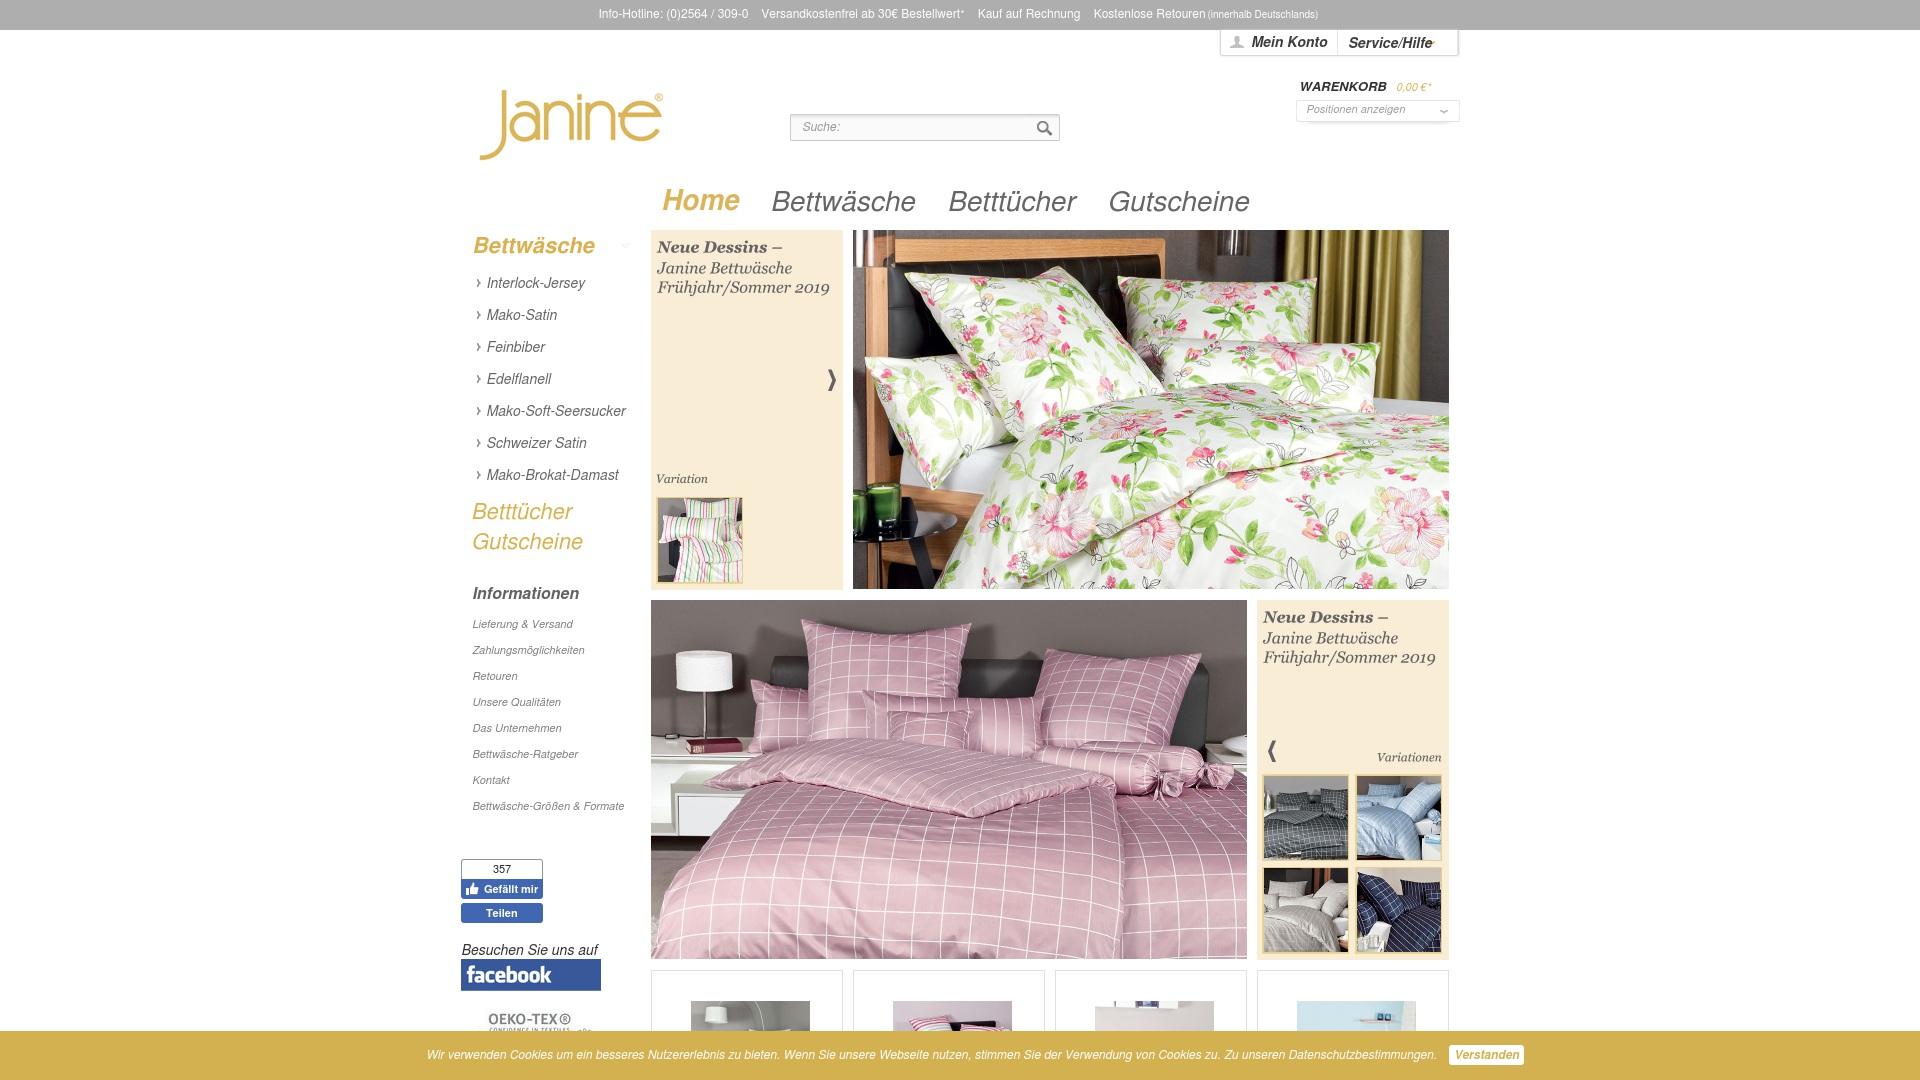 Gutschein für Janine: Rabatte für  Janine sichern